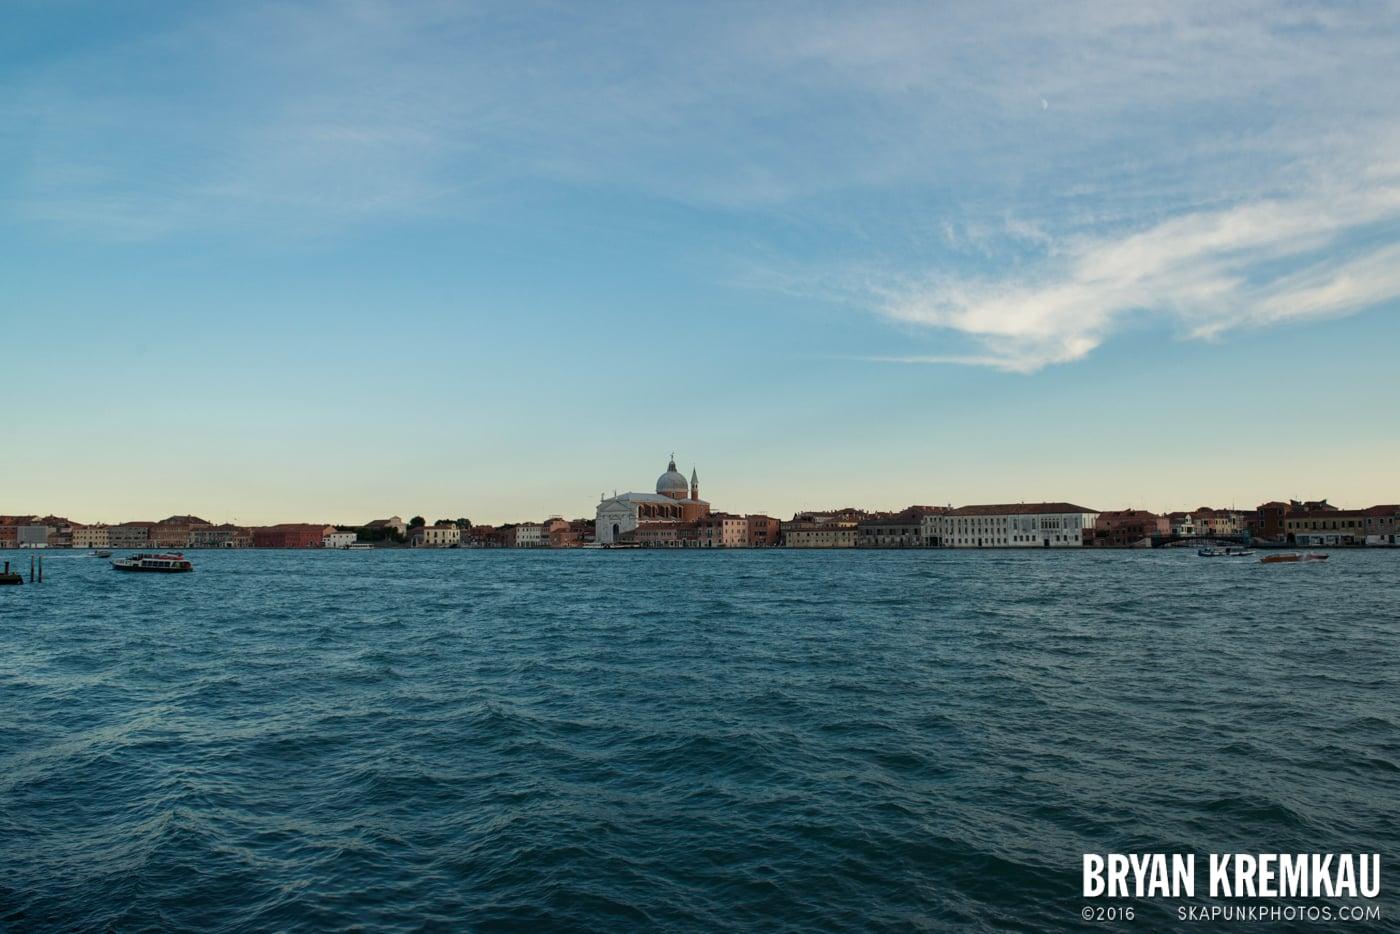 Italy Vacation - Day 4: Venice - 9.12.13 (15)